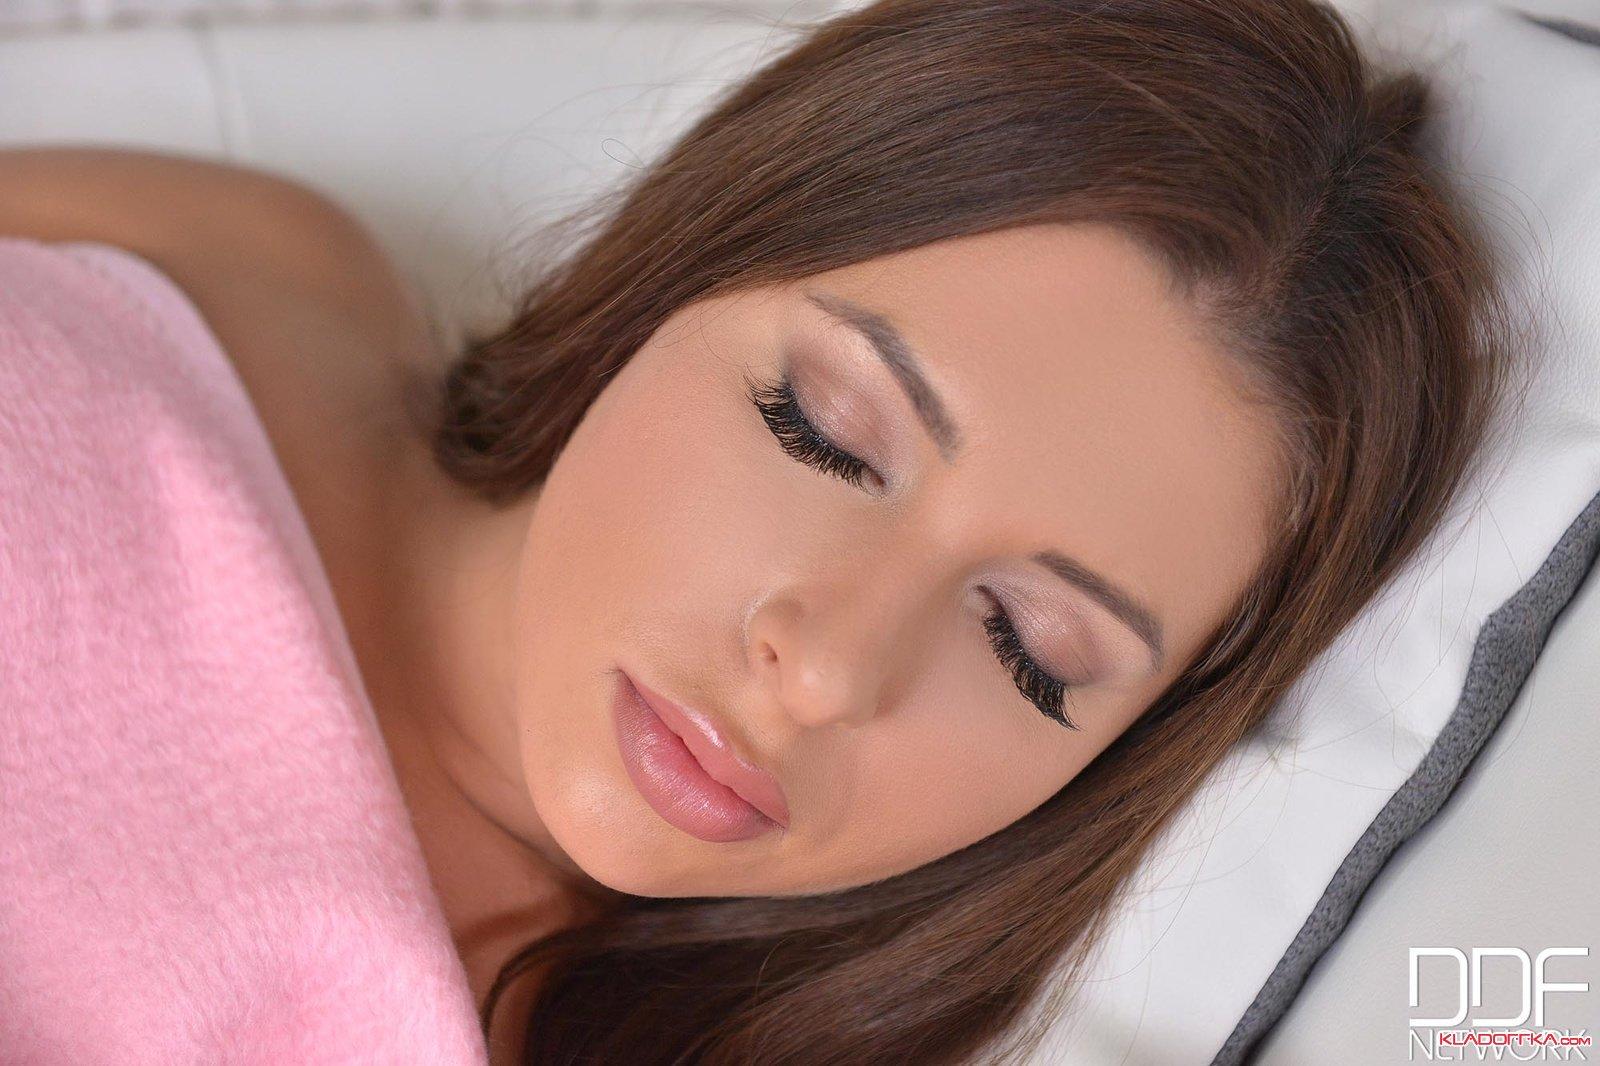 Смотреть фотографии красивых голых девушек в трусиках и нюхать — 1